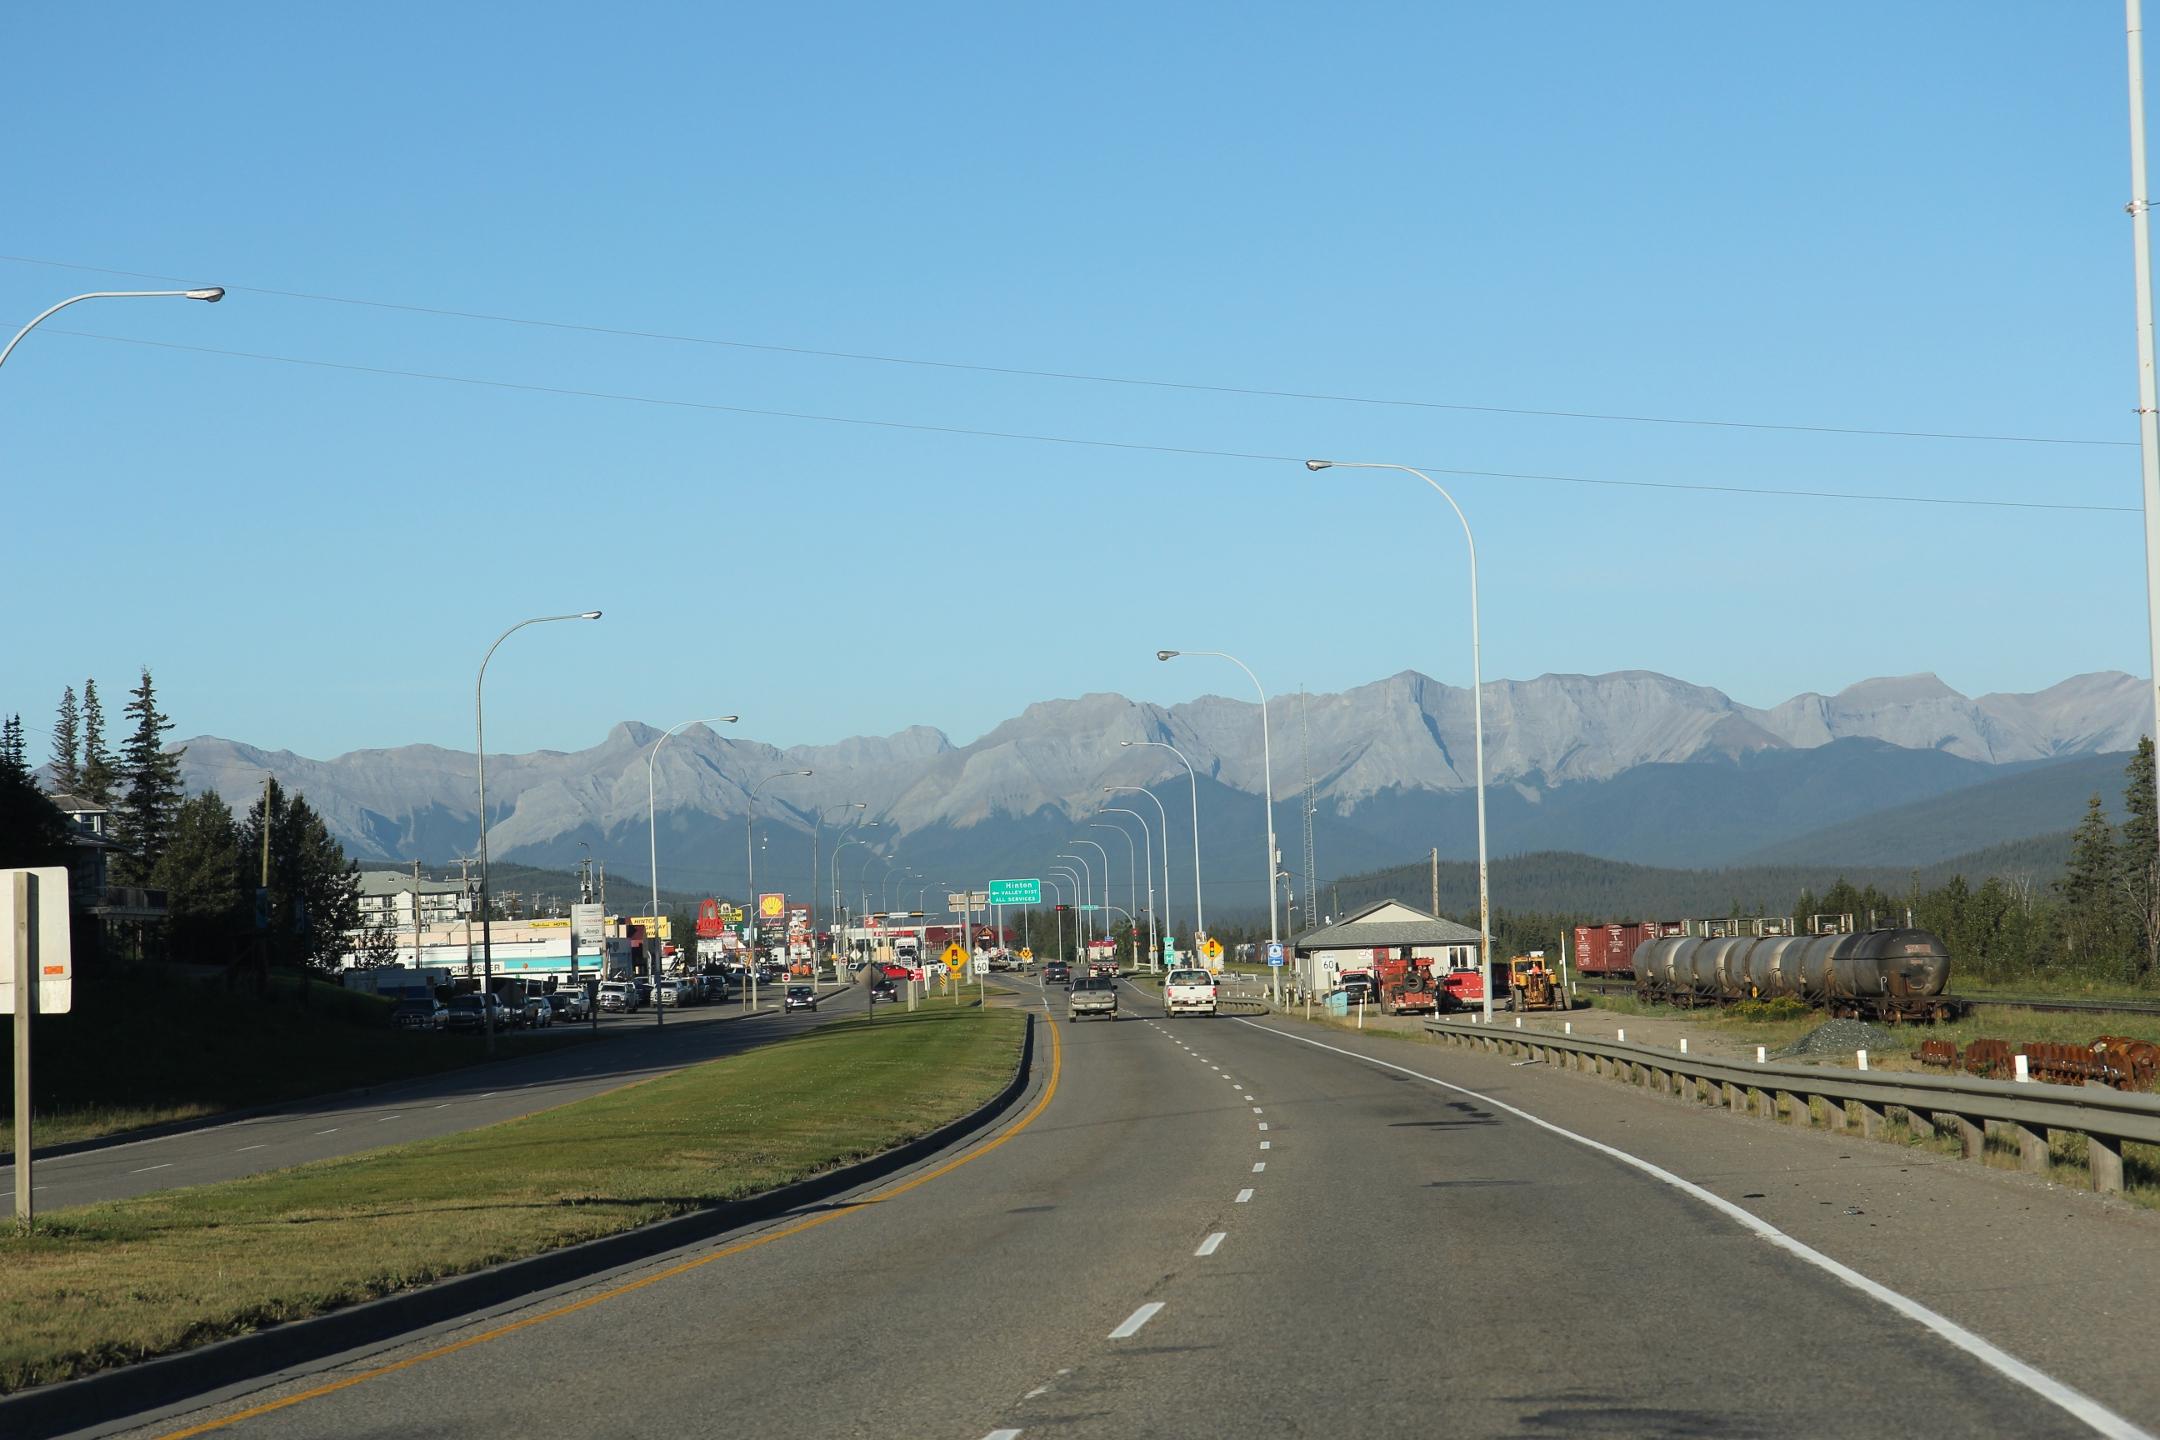 FileHinton Alberta looking west TransCanada highwayjpg